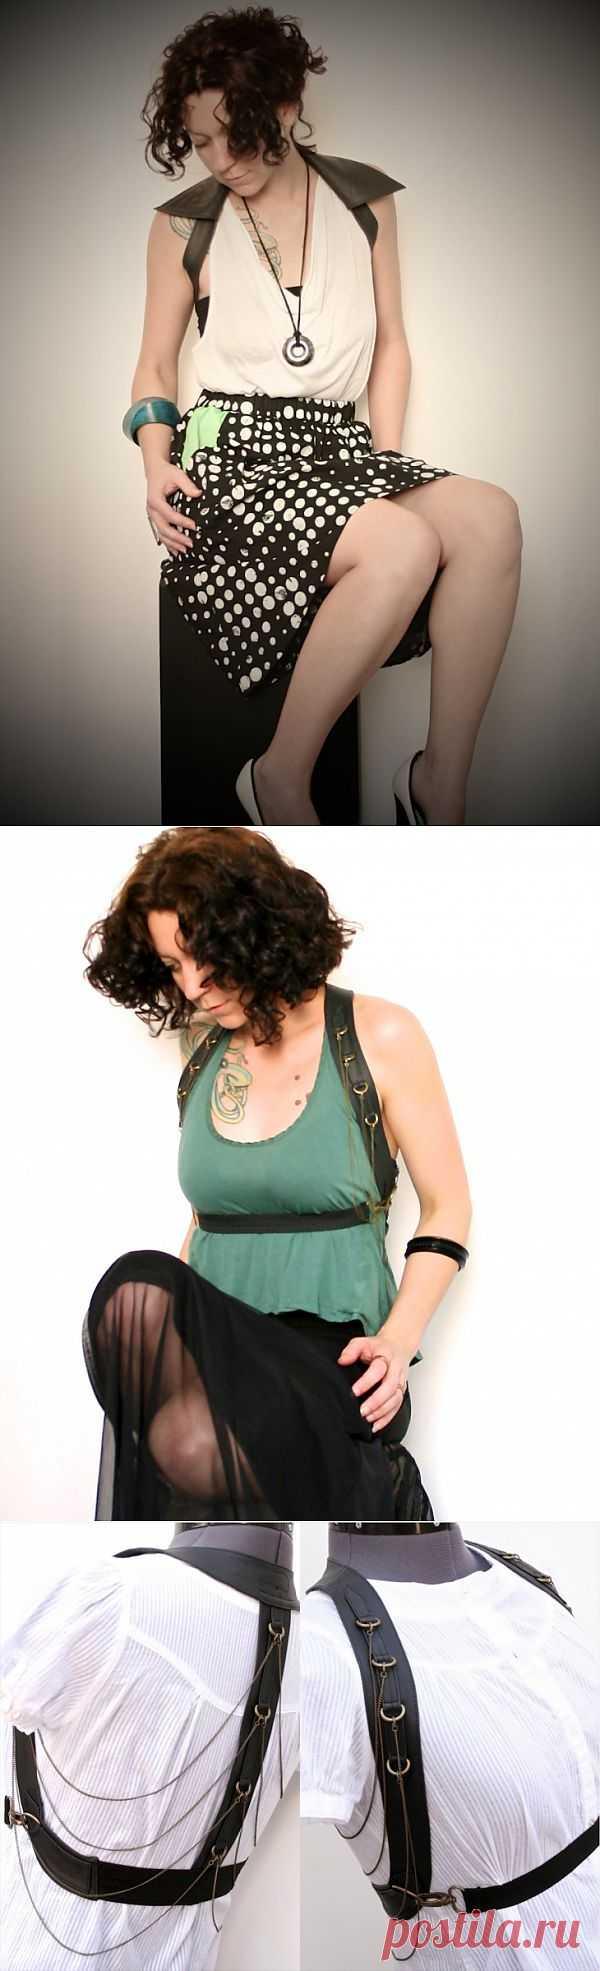 Кожаный пояс-жилет (трафик) / Кожа / Модный сайт о стильной переделке одежды и интерьера